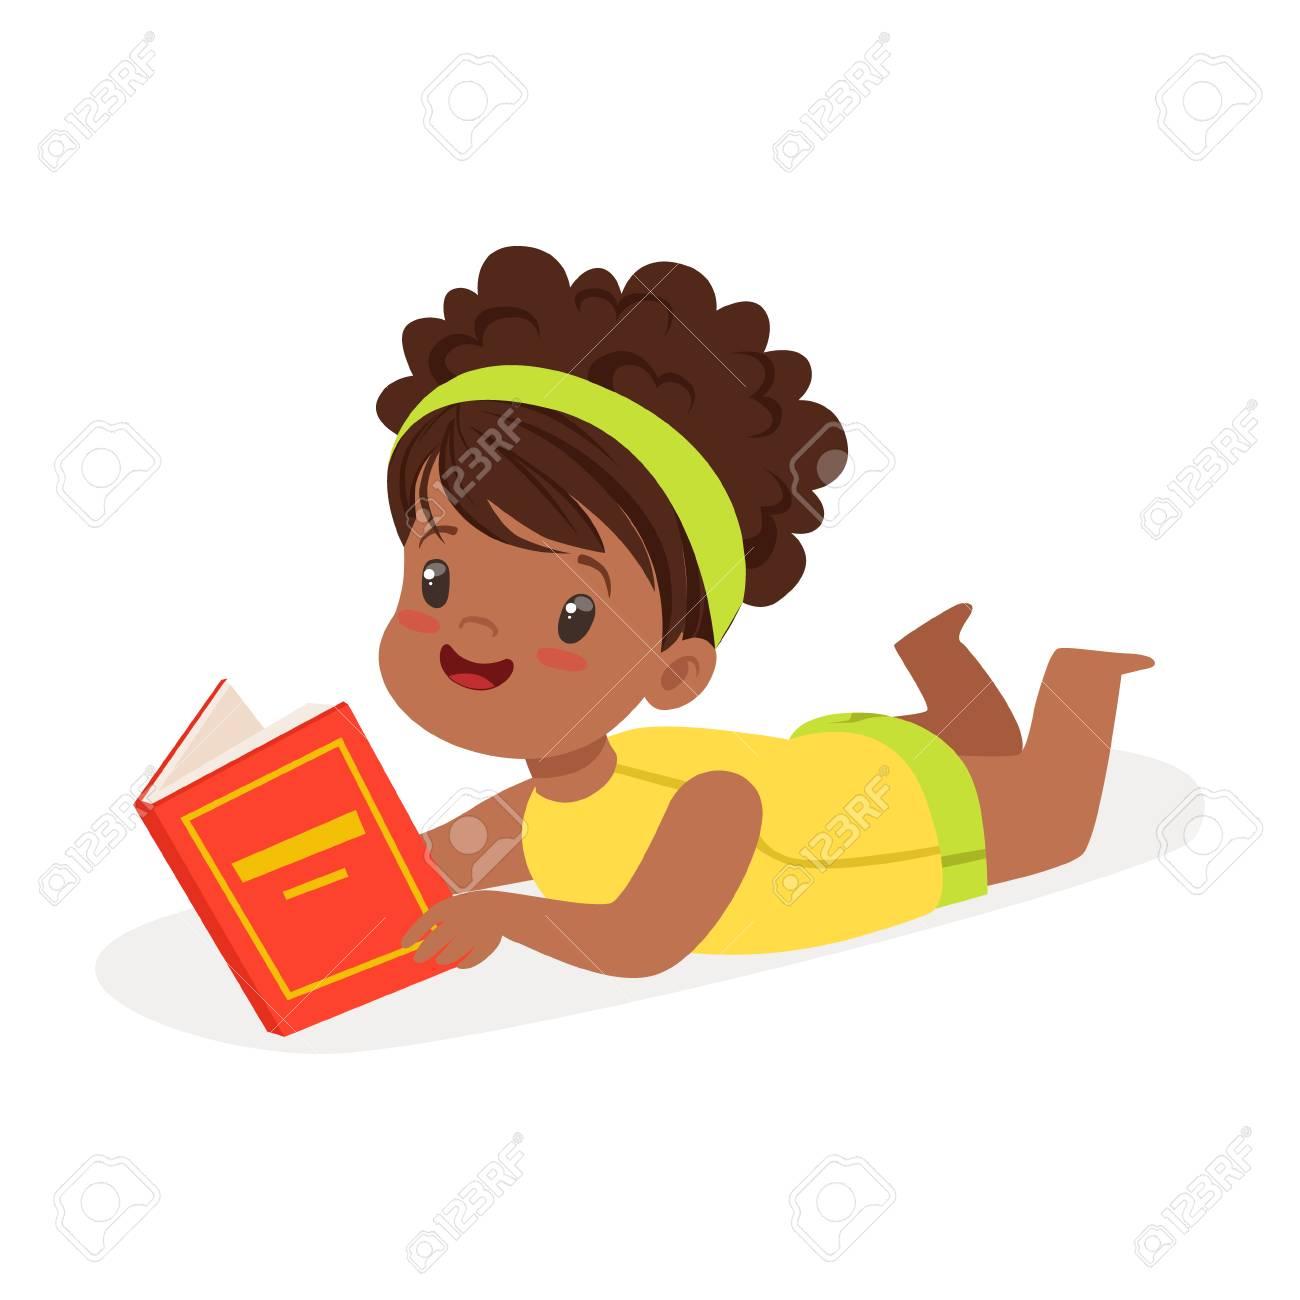 Douce Fille Africaine Allonge Sur Le Sol Et Lire Un Livre Vecteur De Personnage De Dessin Anime Colore Illustration